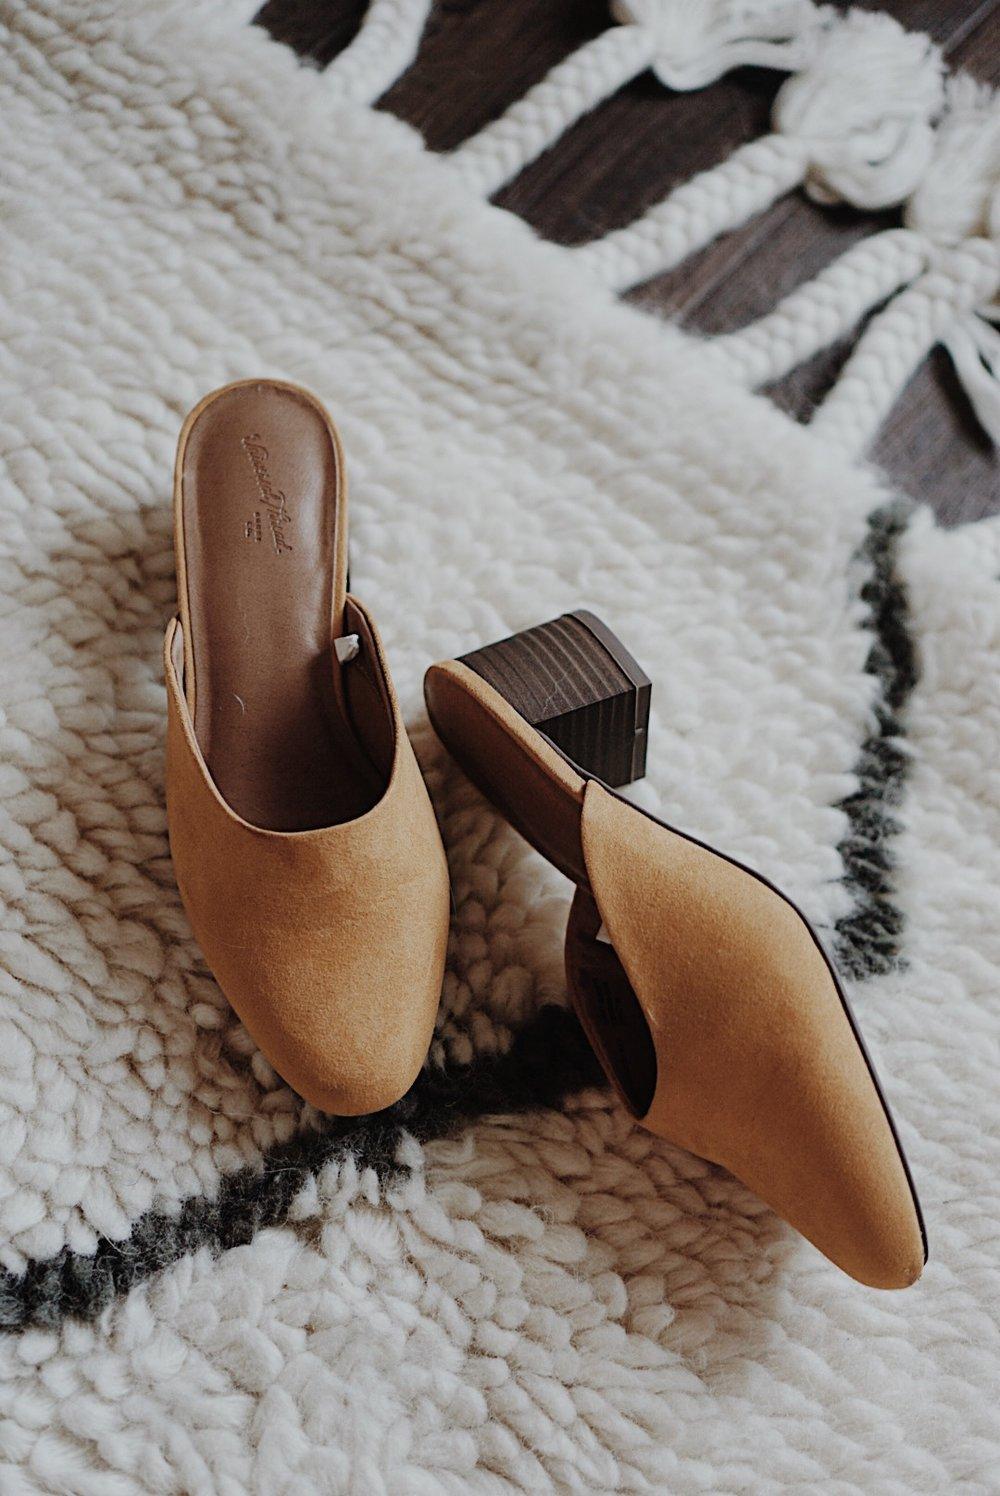 Target Style Mustard Mule Slip On Heel Review Summer Essentials